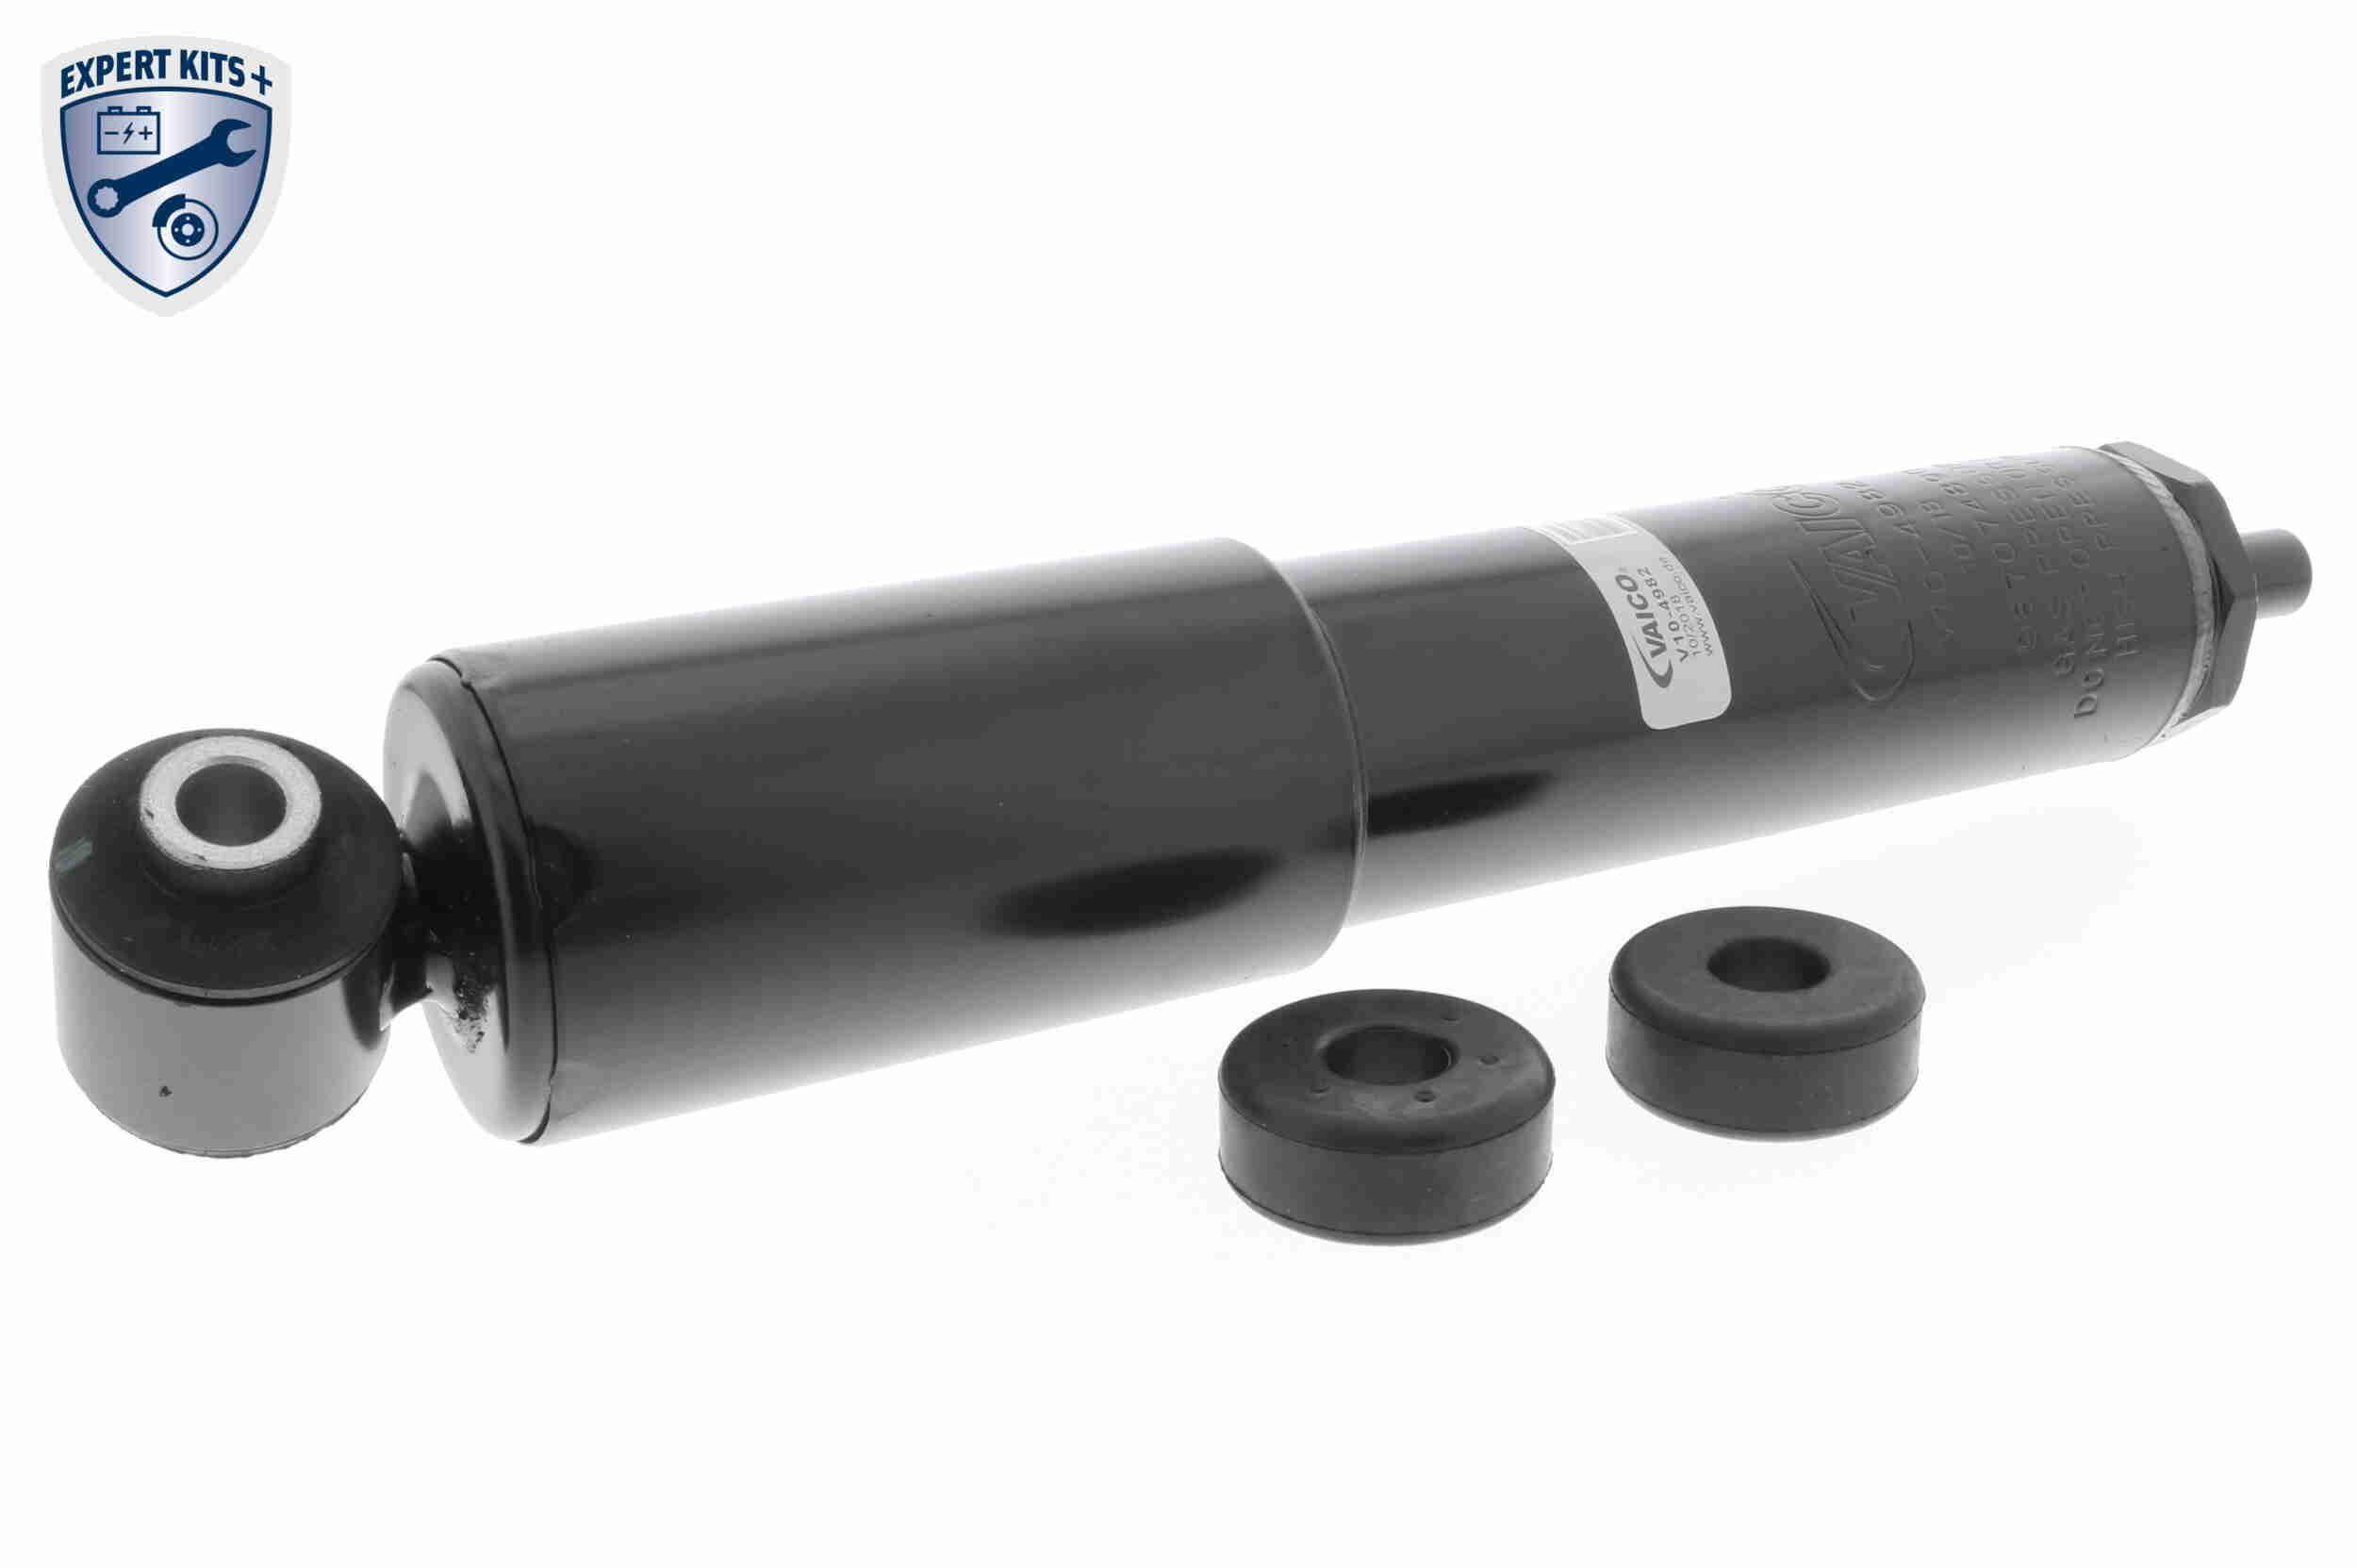 V10-4982 VAICO Hinterachse links, Hinterachse rechts, Gasdruck, Original VAICO Qualität, Federbein, oben Auge, unten Stift Stoßdämpfer V10-4982 günstig kaufen